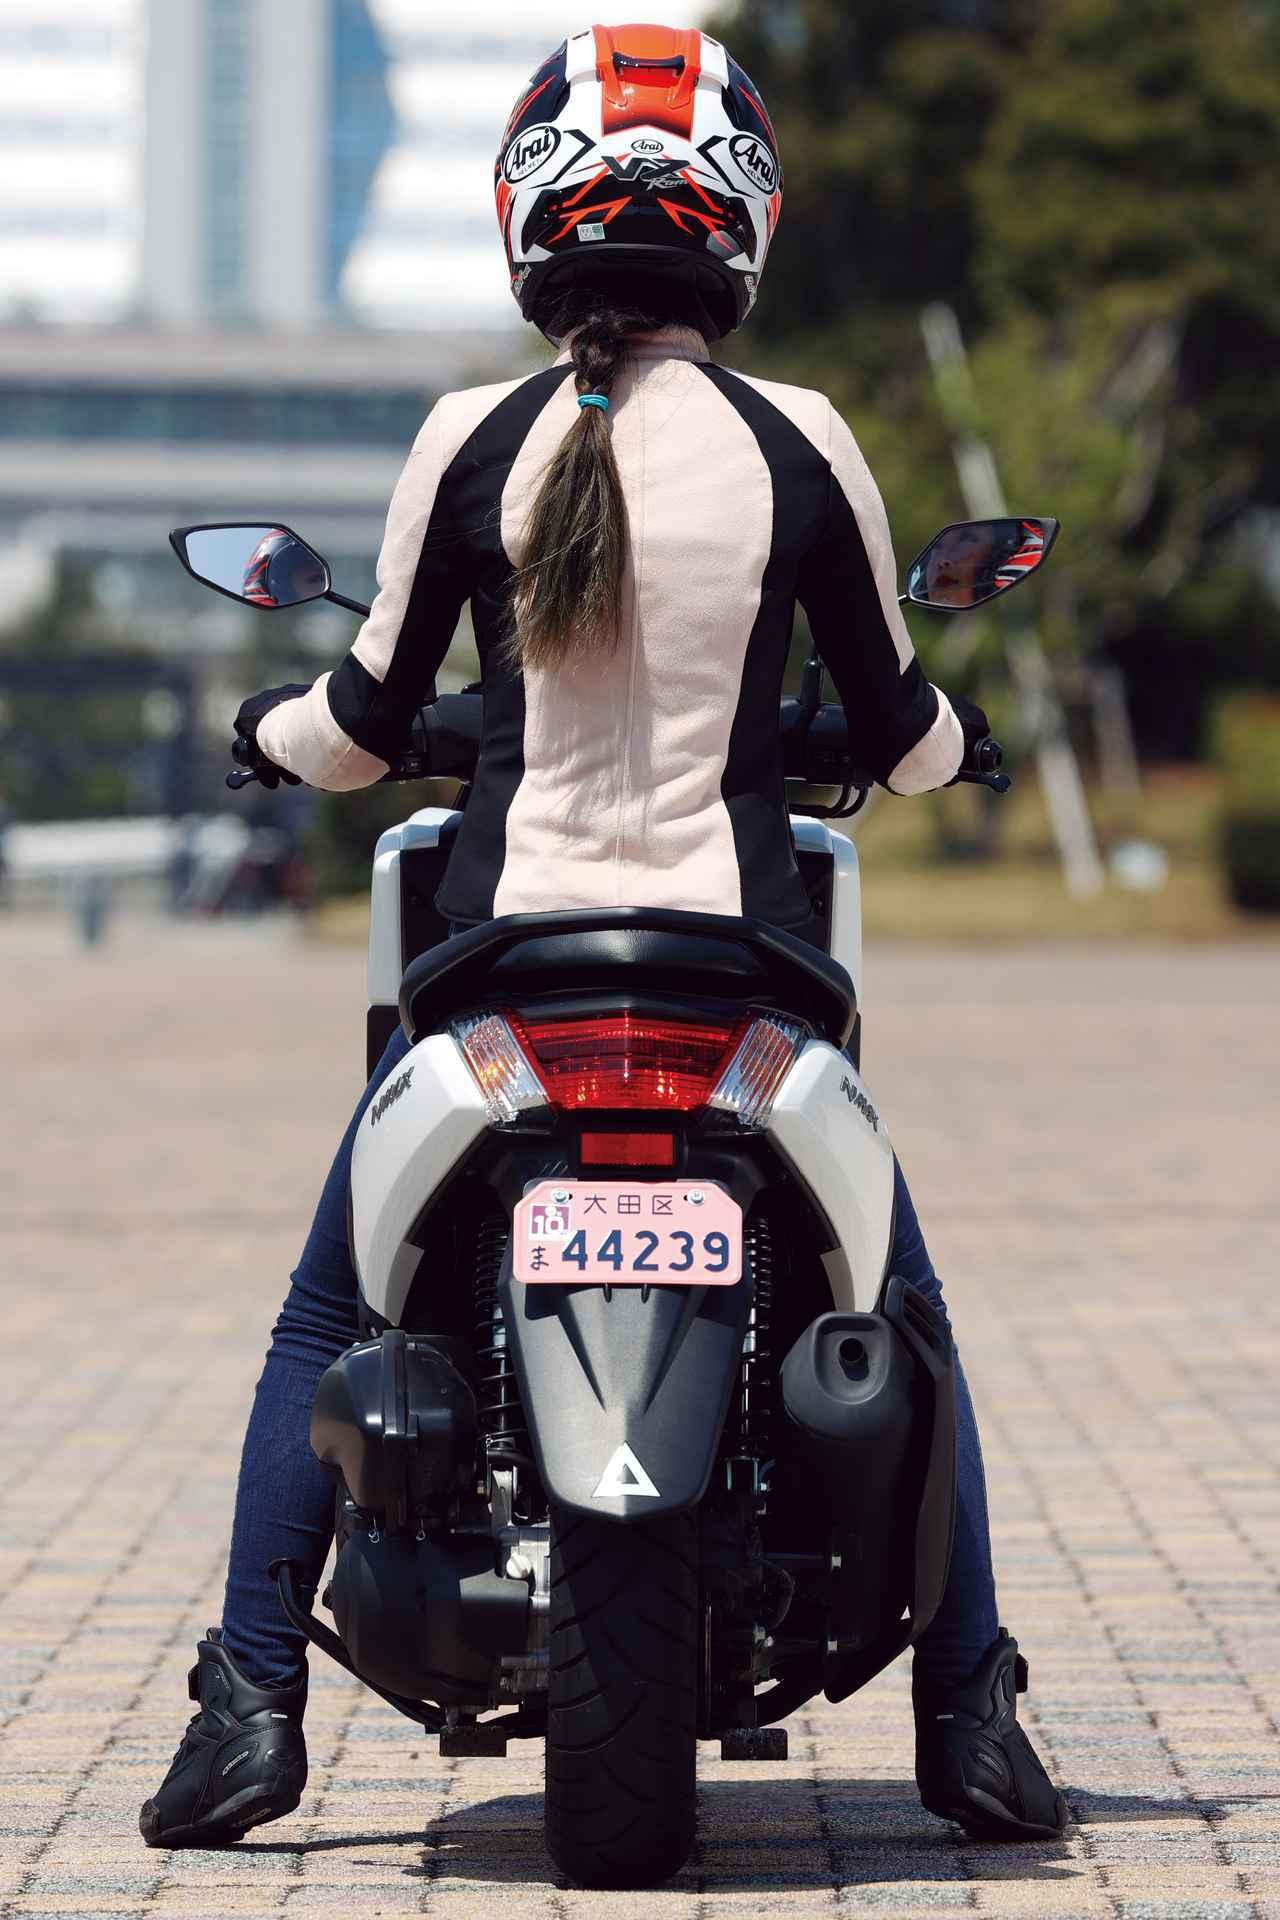 画像20: ヤマハ「NMAX ABS」(2020年)解説&試乗インプレ|YAMAHAで最も高価な125cc二輪スクーターの魅力とは?